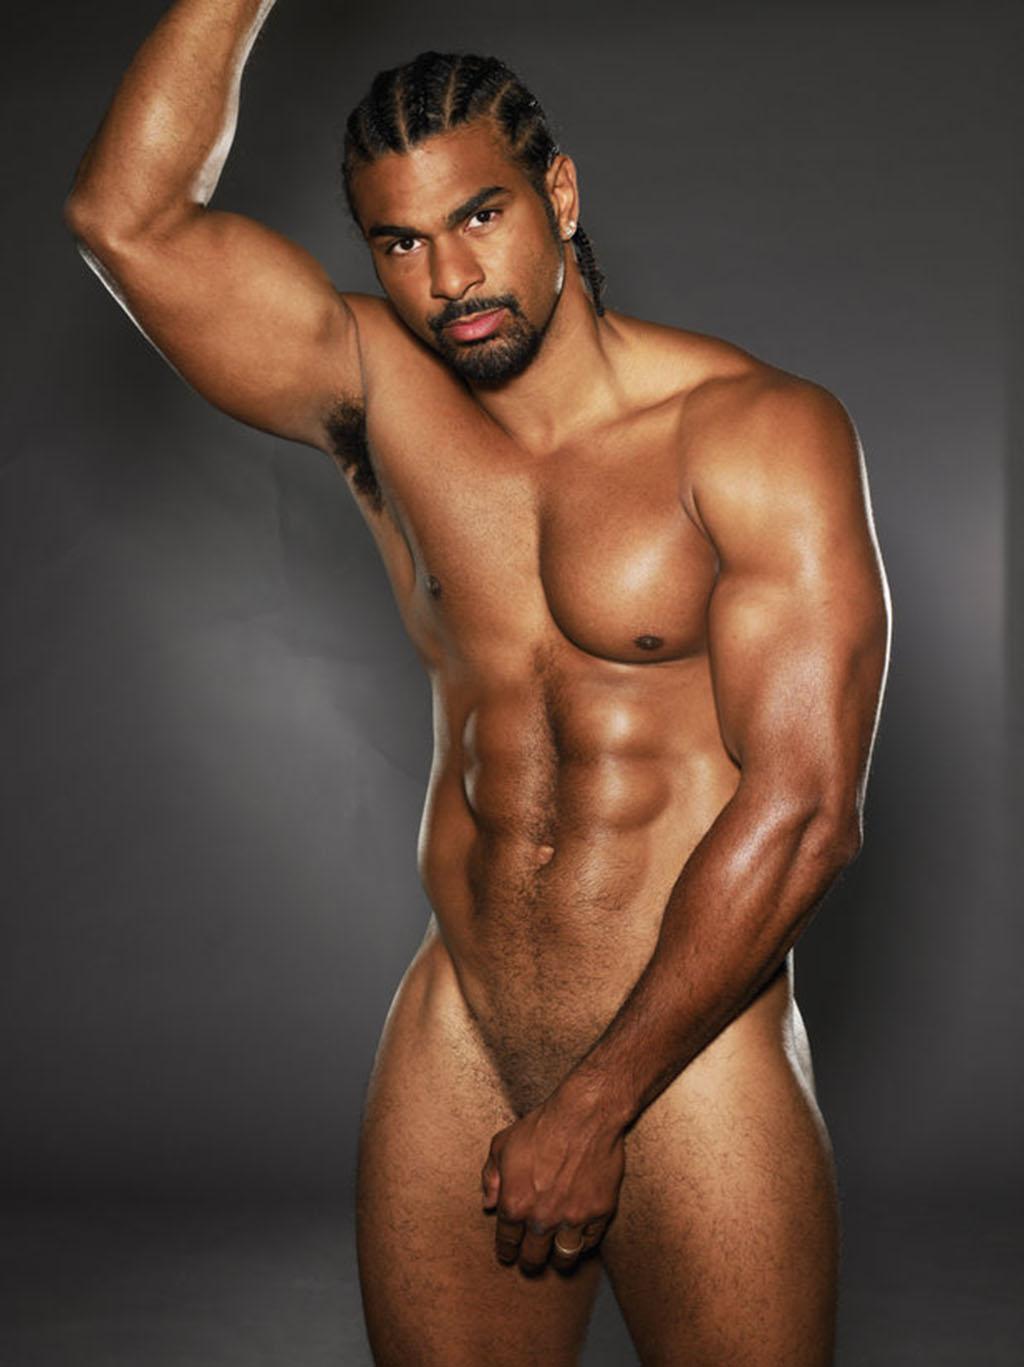 Boxer David Haye Naked 1024